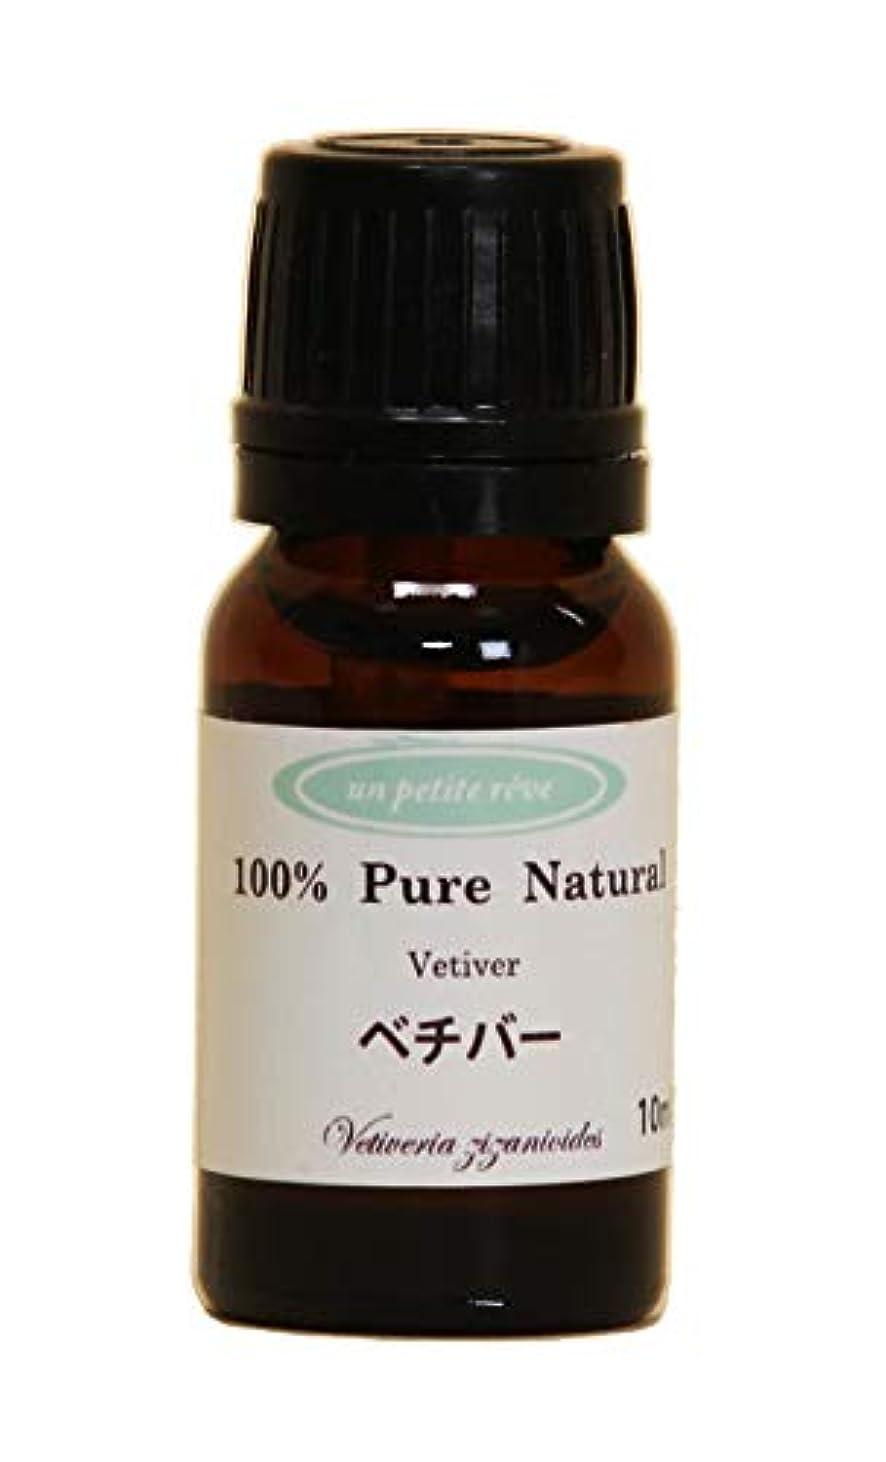 形式貝殻誠実さベチバー 10ml 100%天然アロマエッセンシャルオイル(精油)